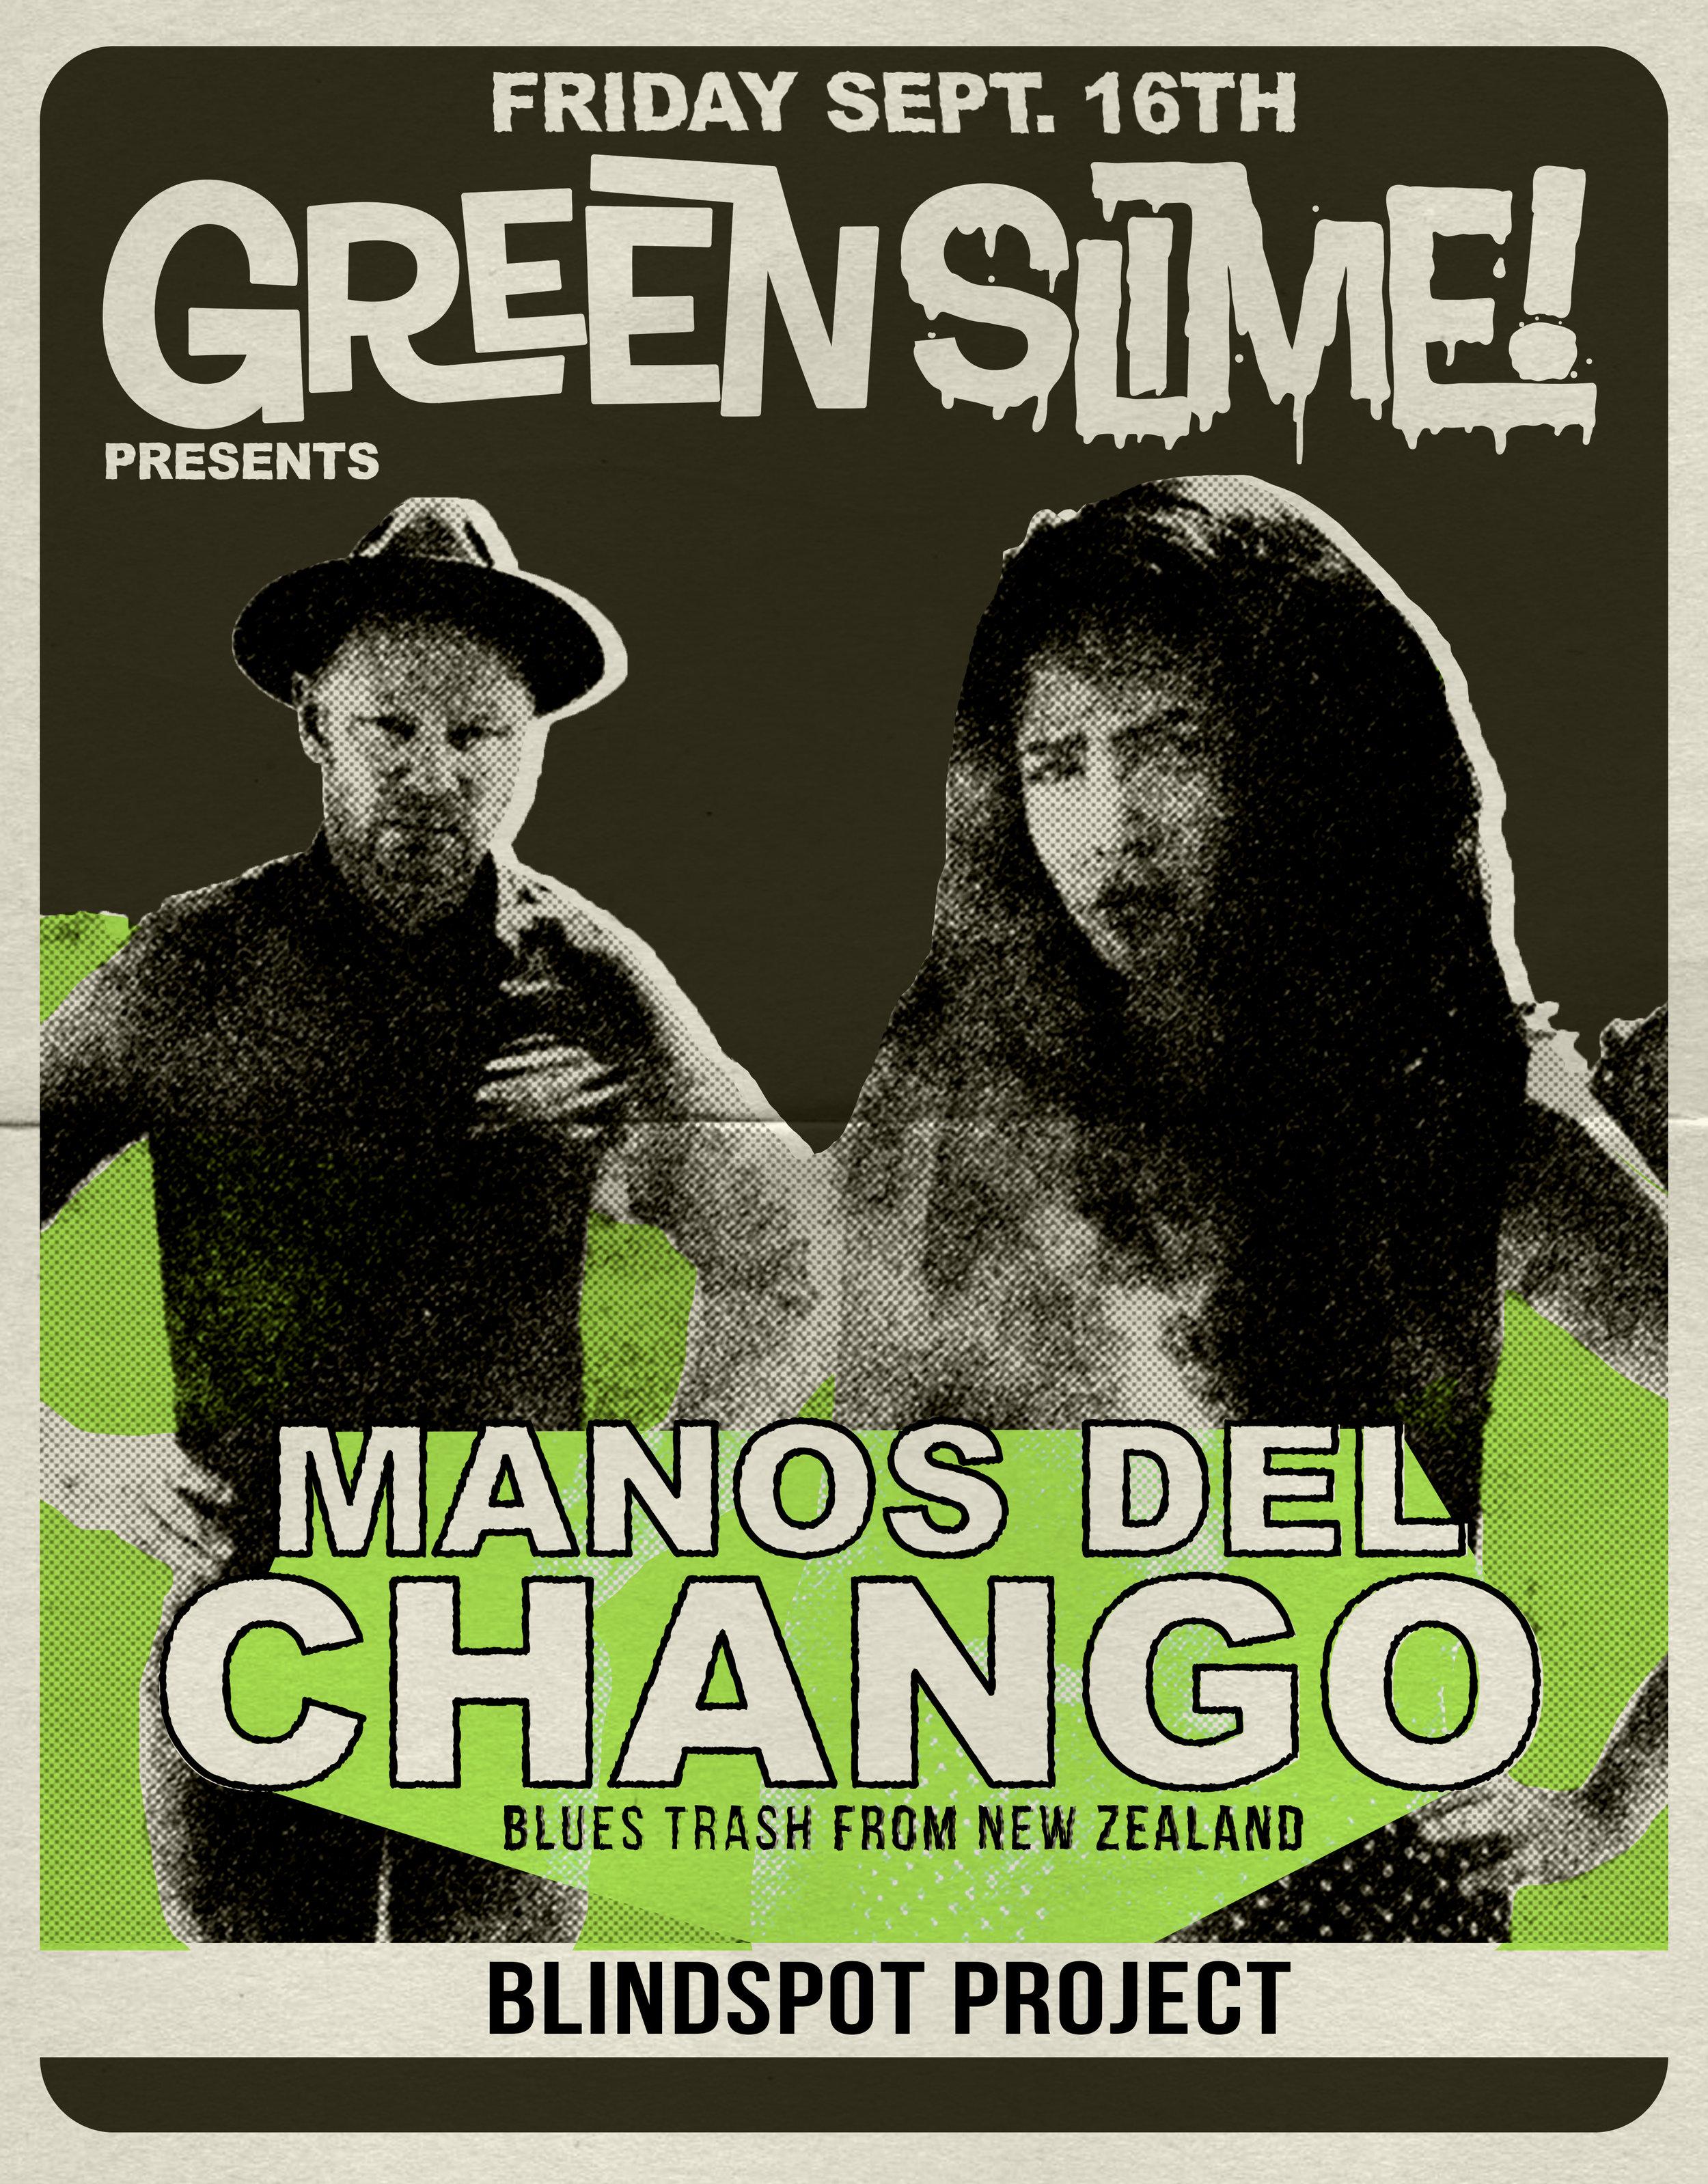 GREEN SLIME PRESENTS 3.jpg